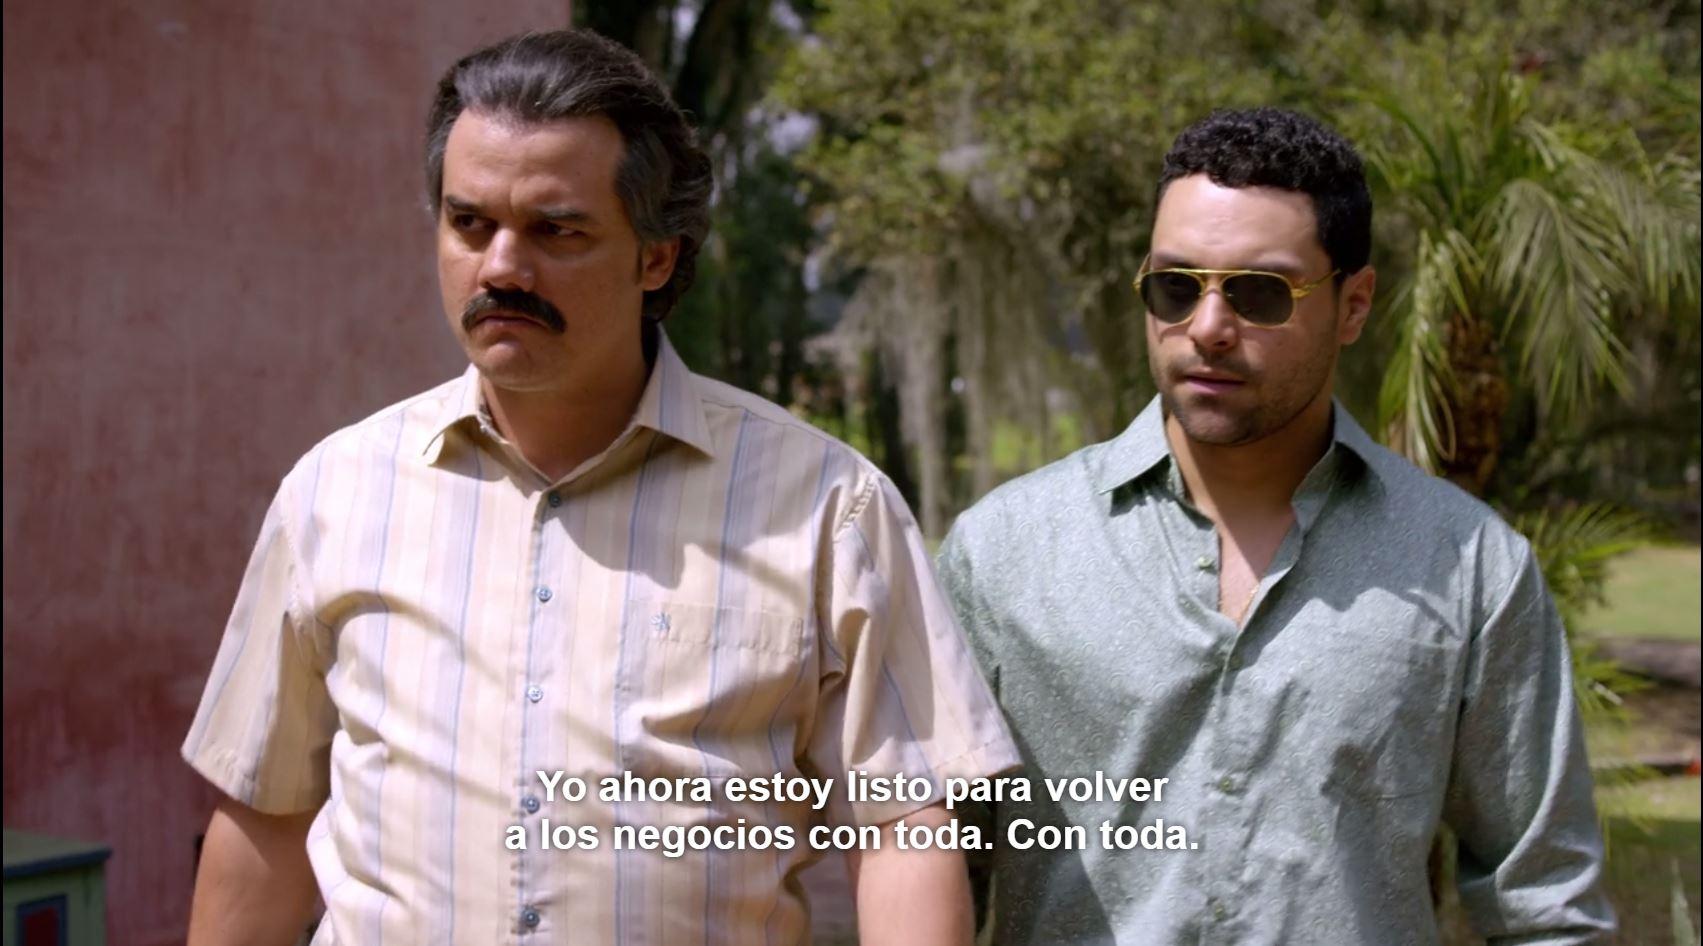 Pablo Escobar y su cuñado Carlos Henao, durante una escena de la serie